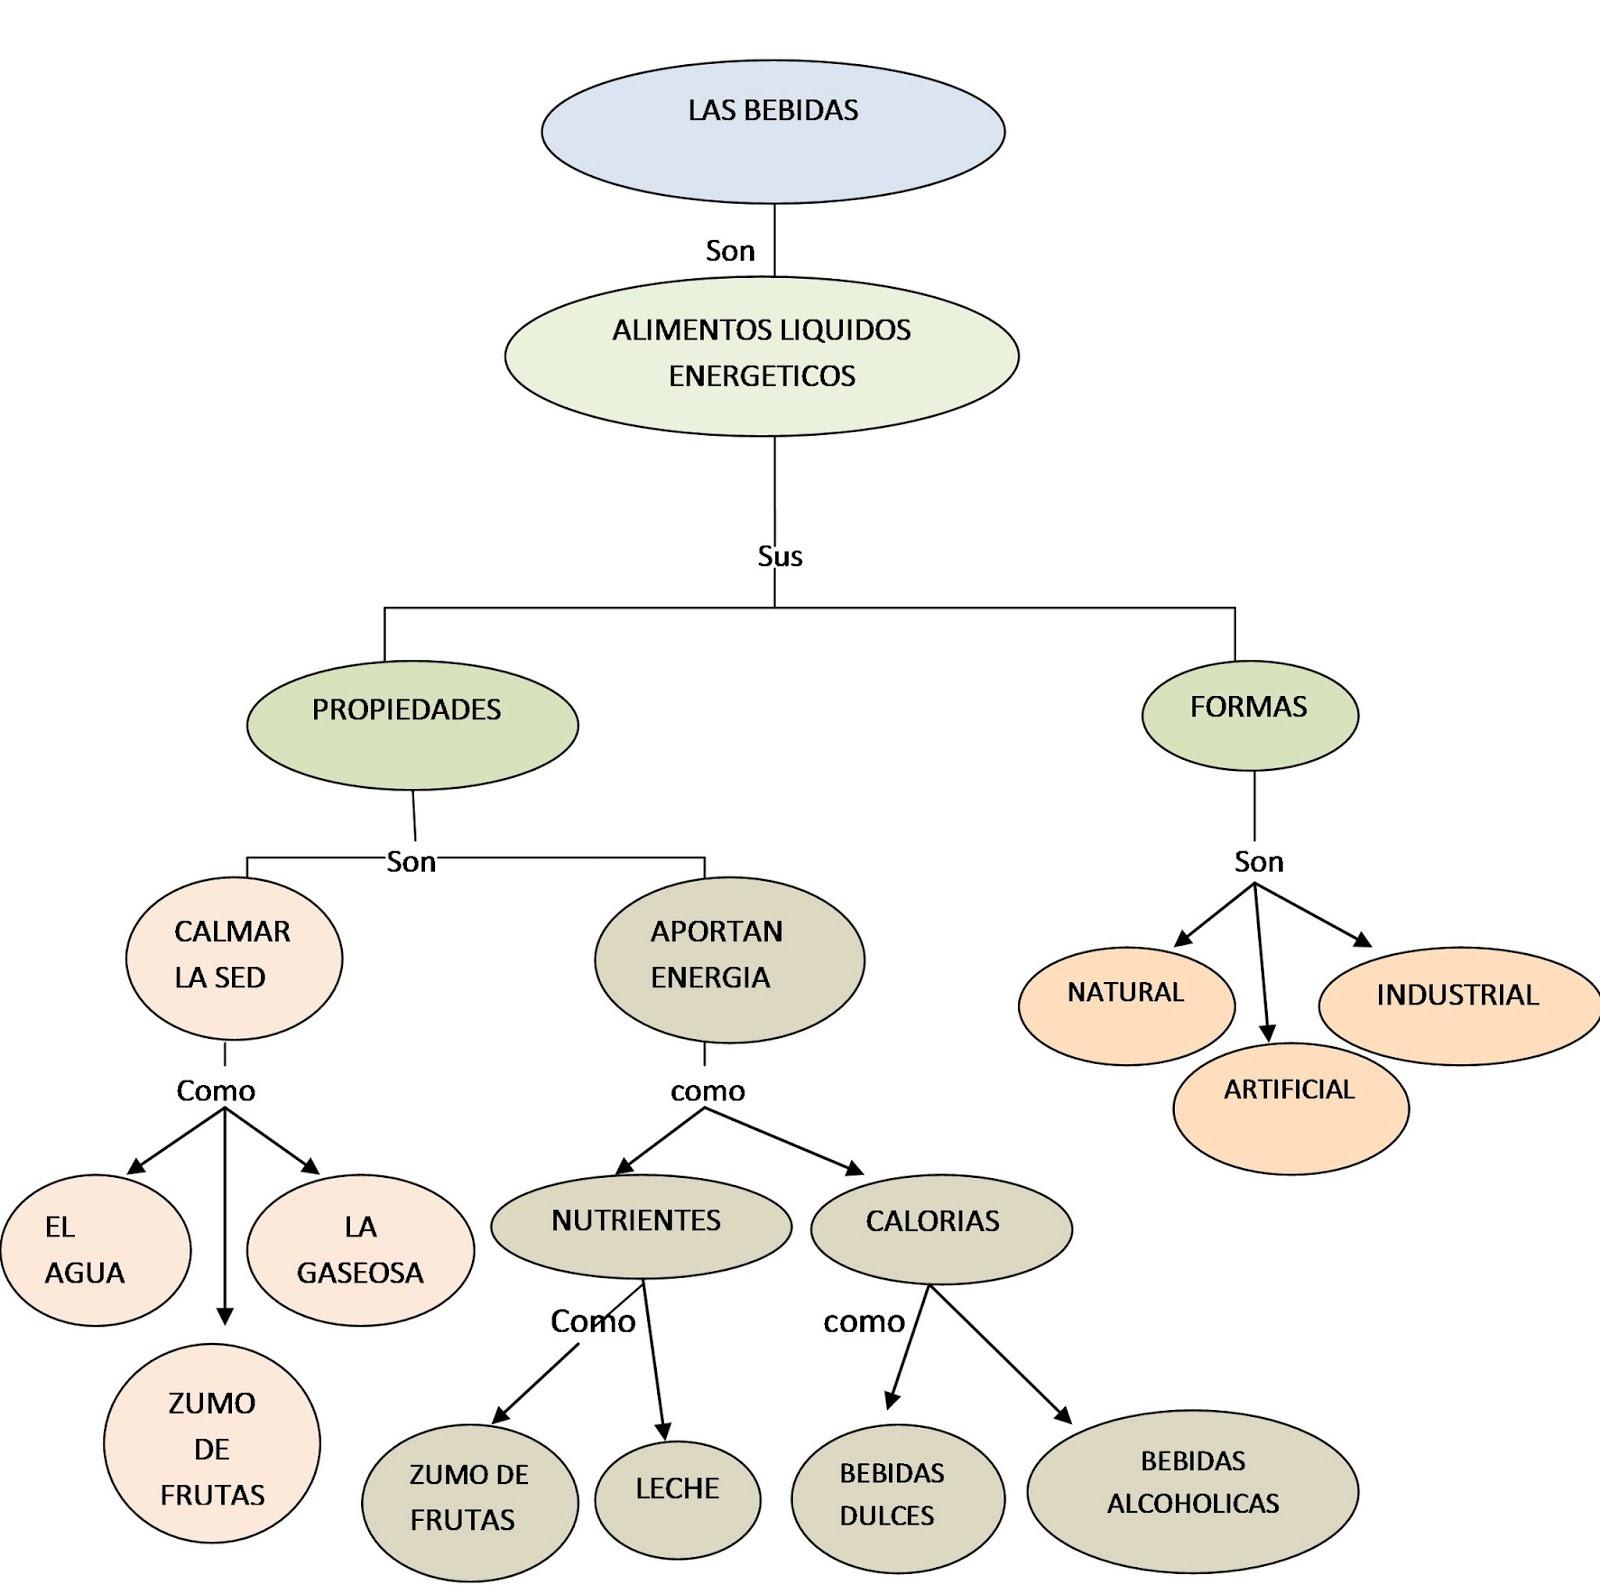 Curso alimentos y bebidas 4 mapas conceptuales for Manual de procedimientos de alimentos y bebidas de un hotel